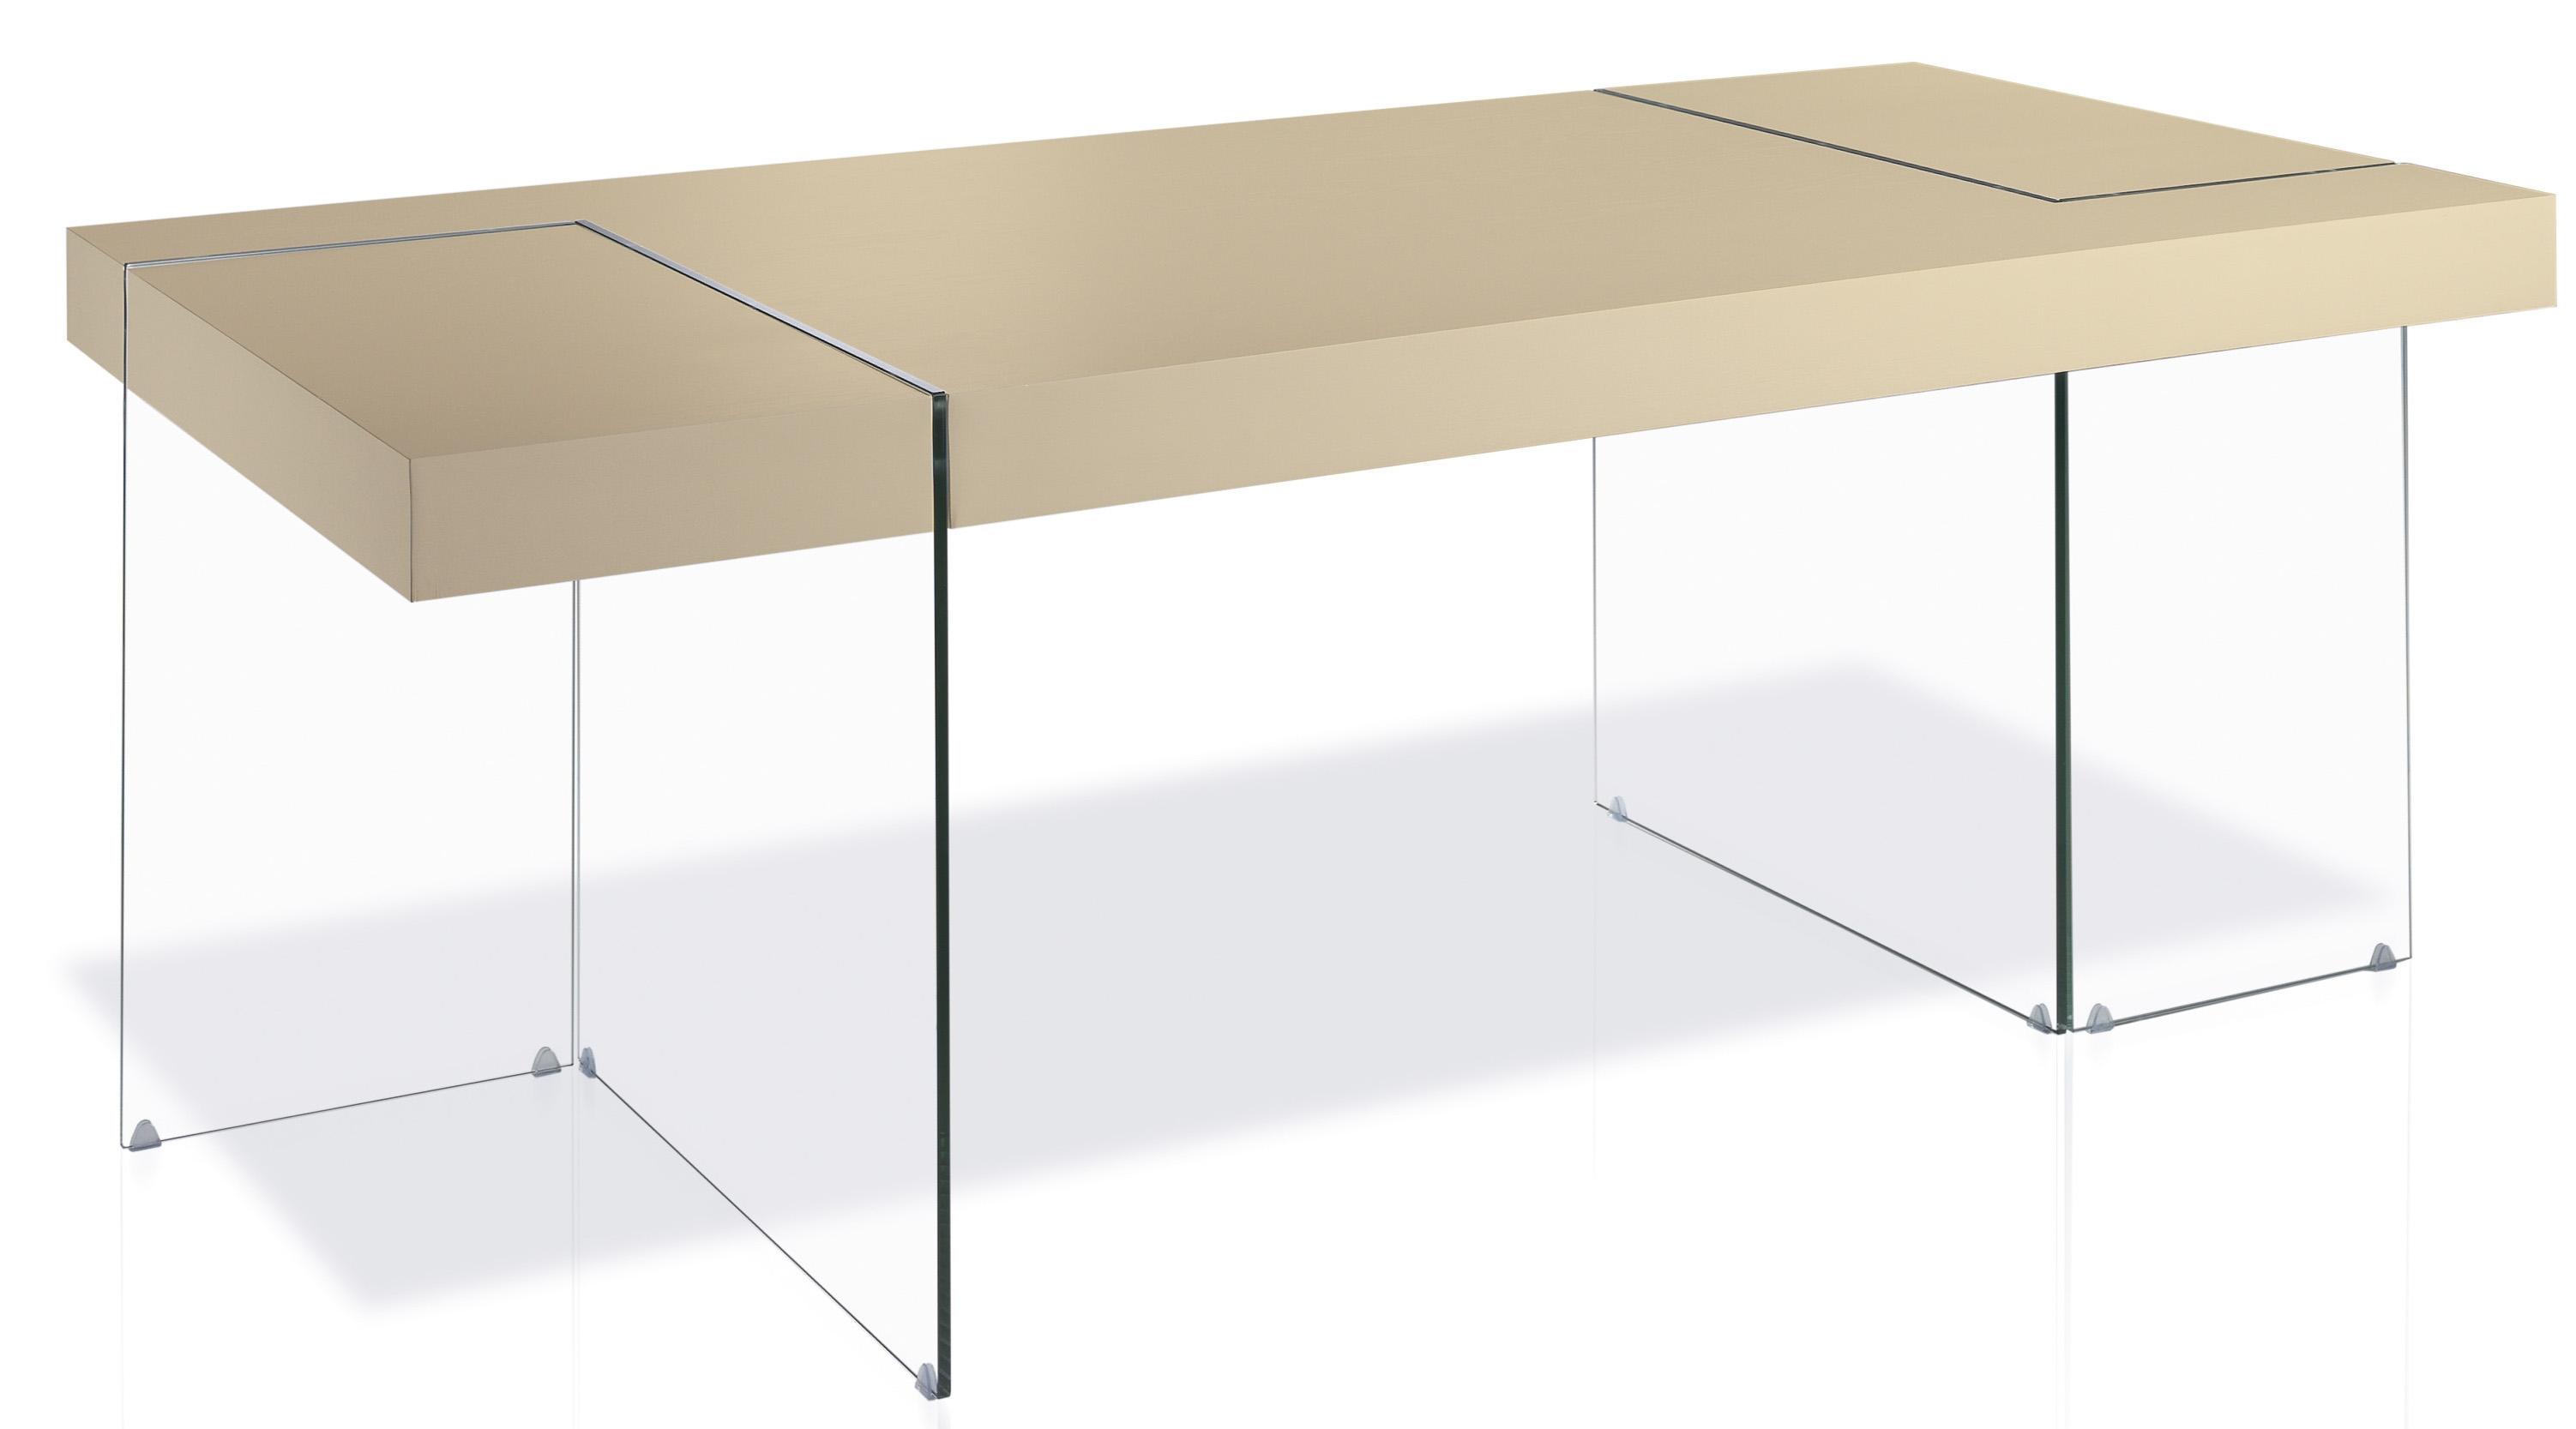 Table rectangulaire design cr me cubique - Table rectangulaire design ...